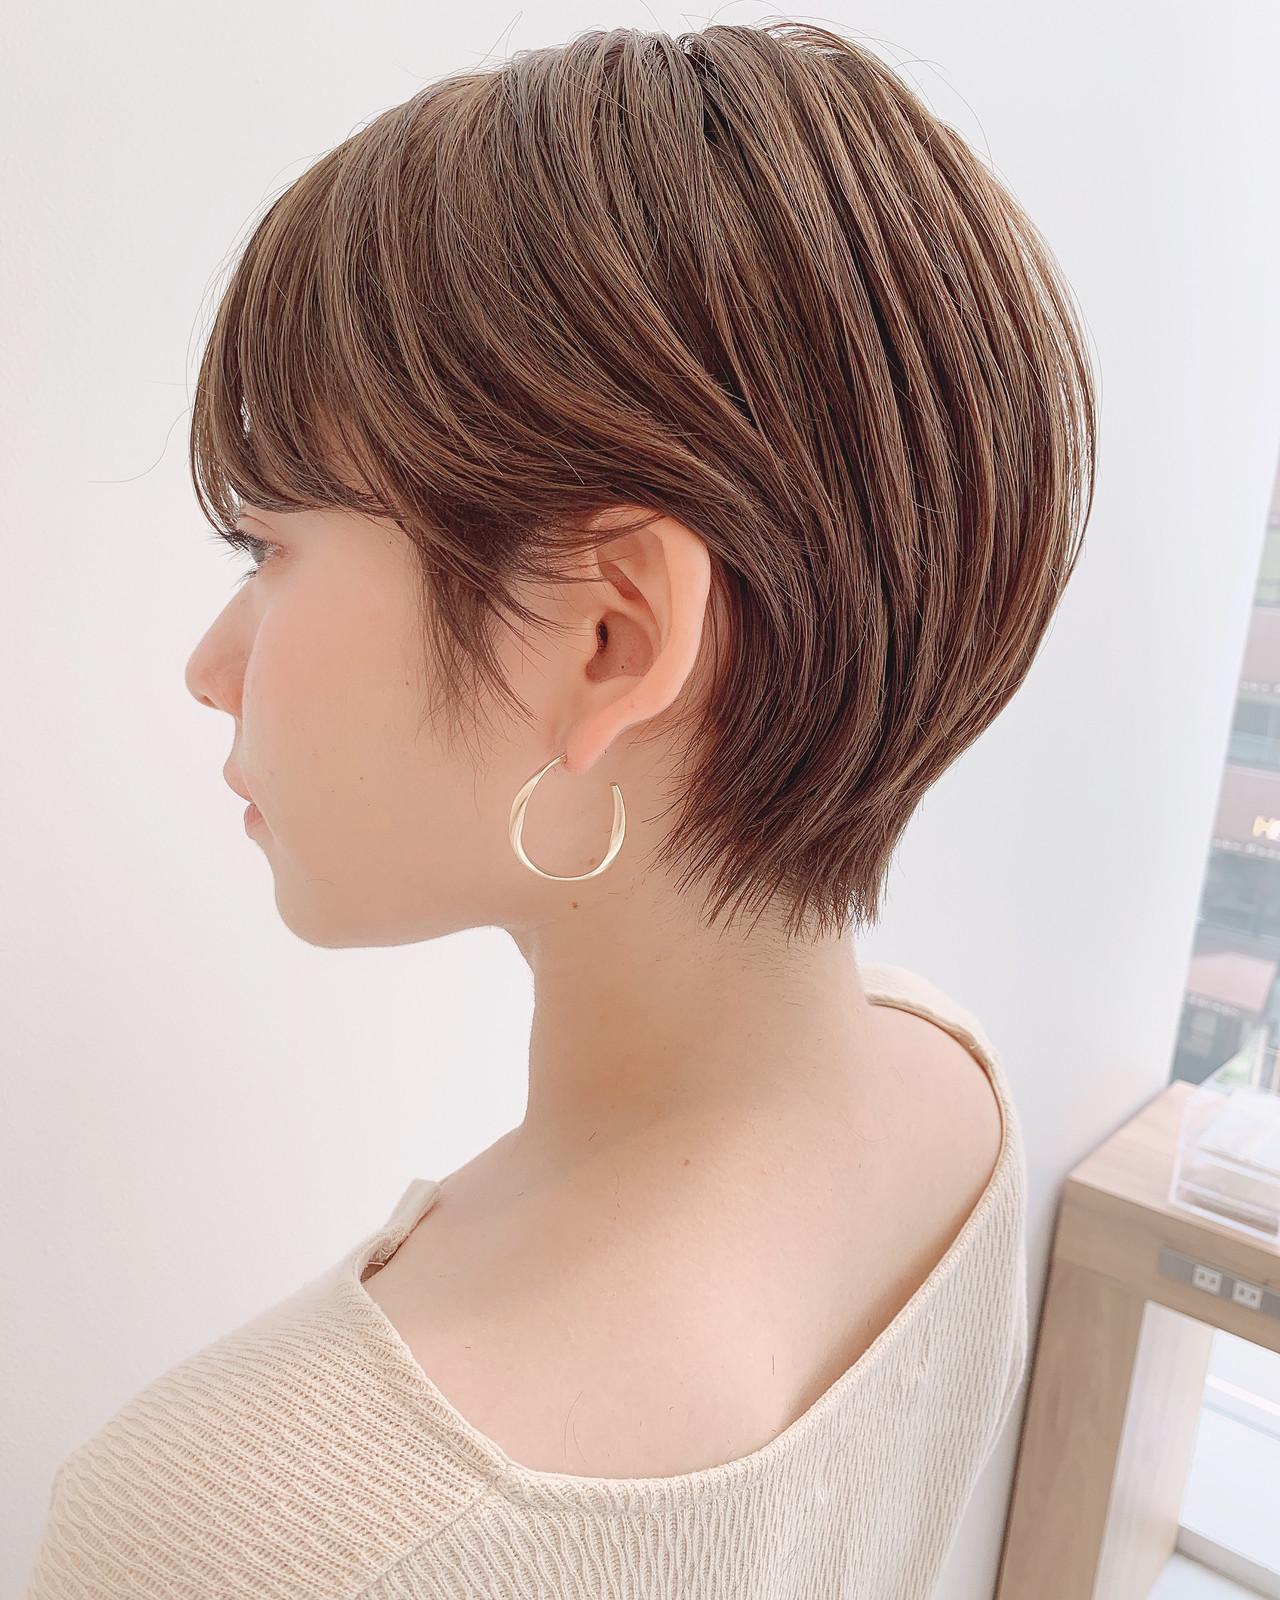 ショートヘア ナチュラル ショート ショートボブ ヘアスタイルや髪型の写真・画像